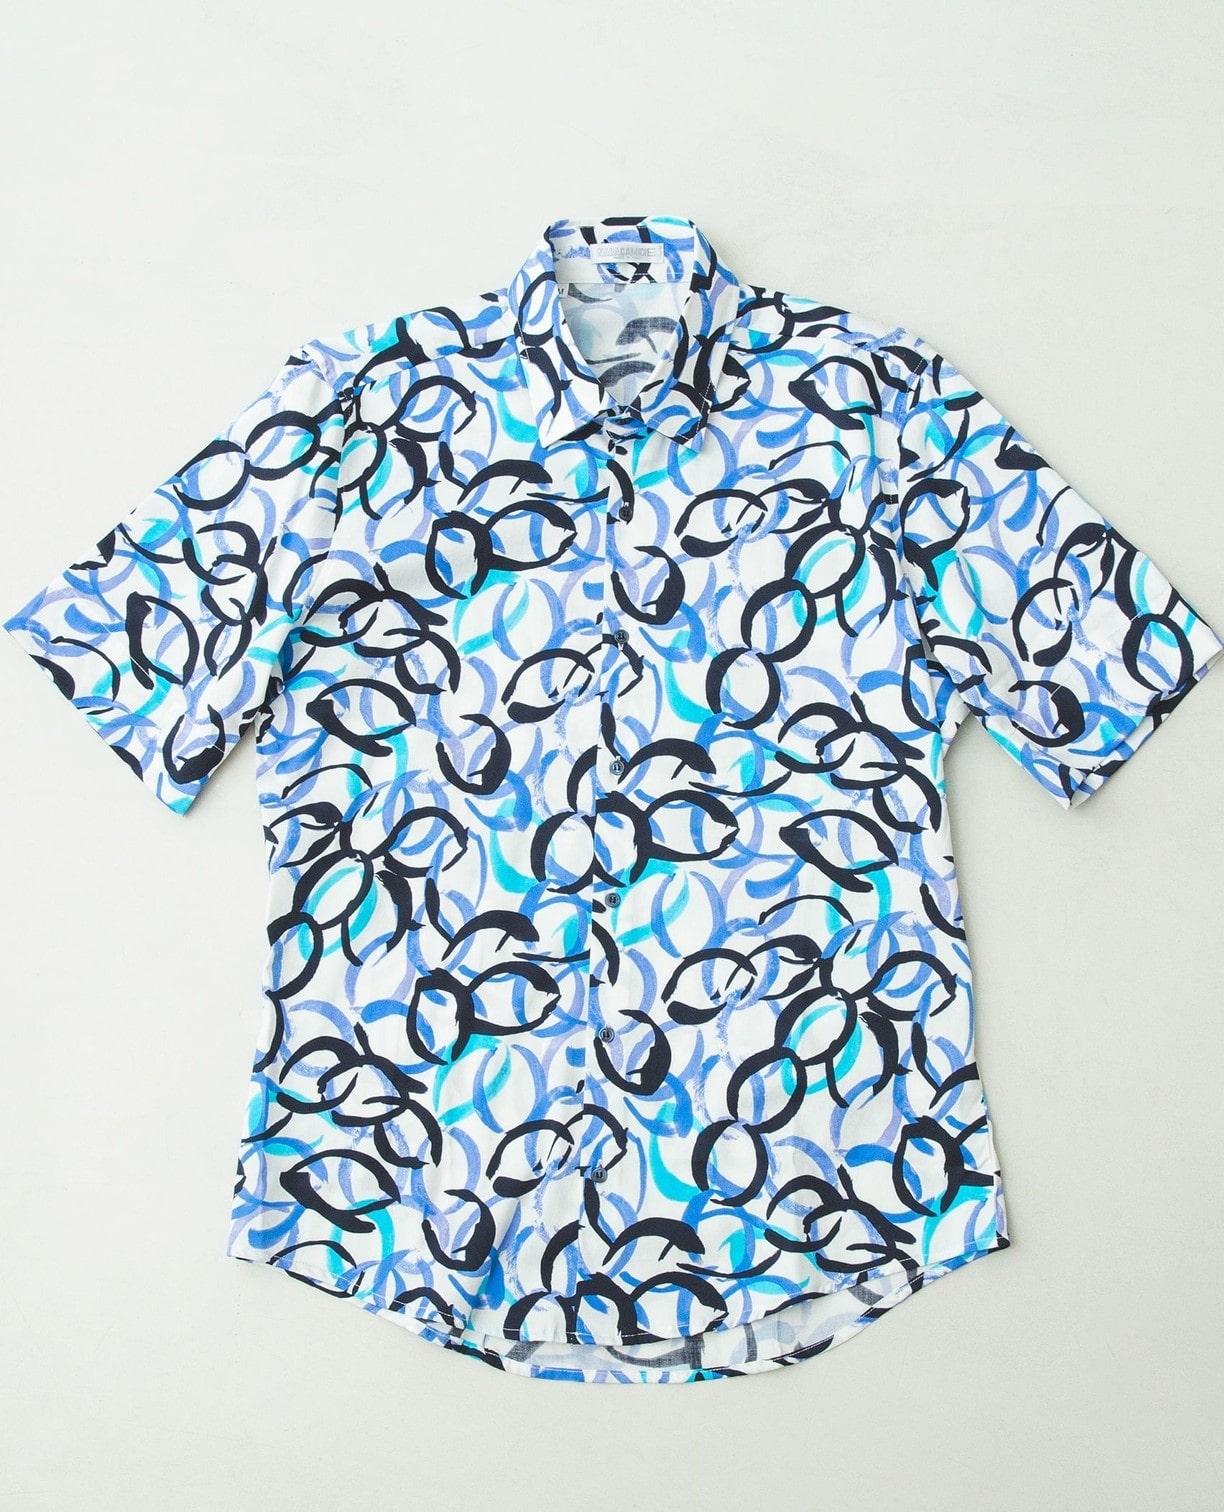 サークル柄半袖シャツ